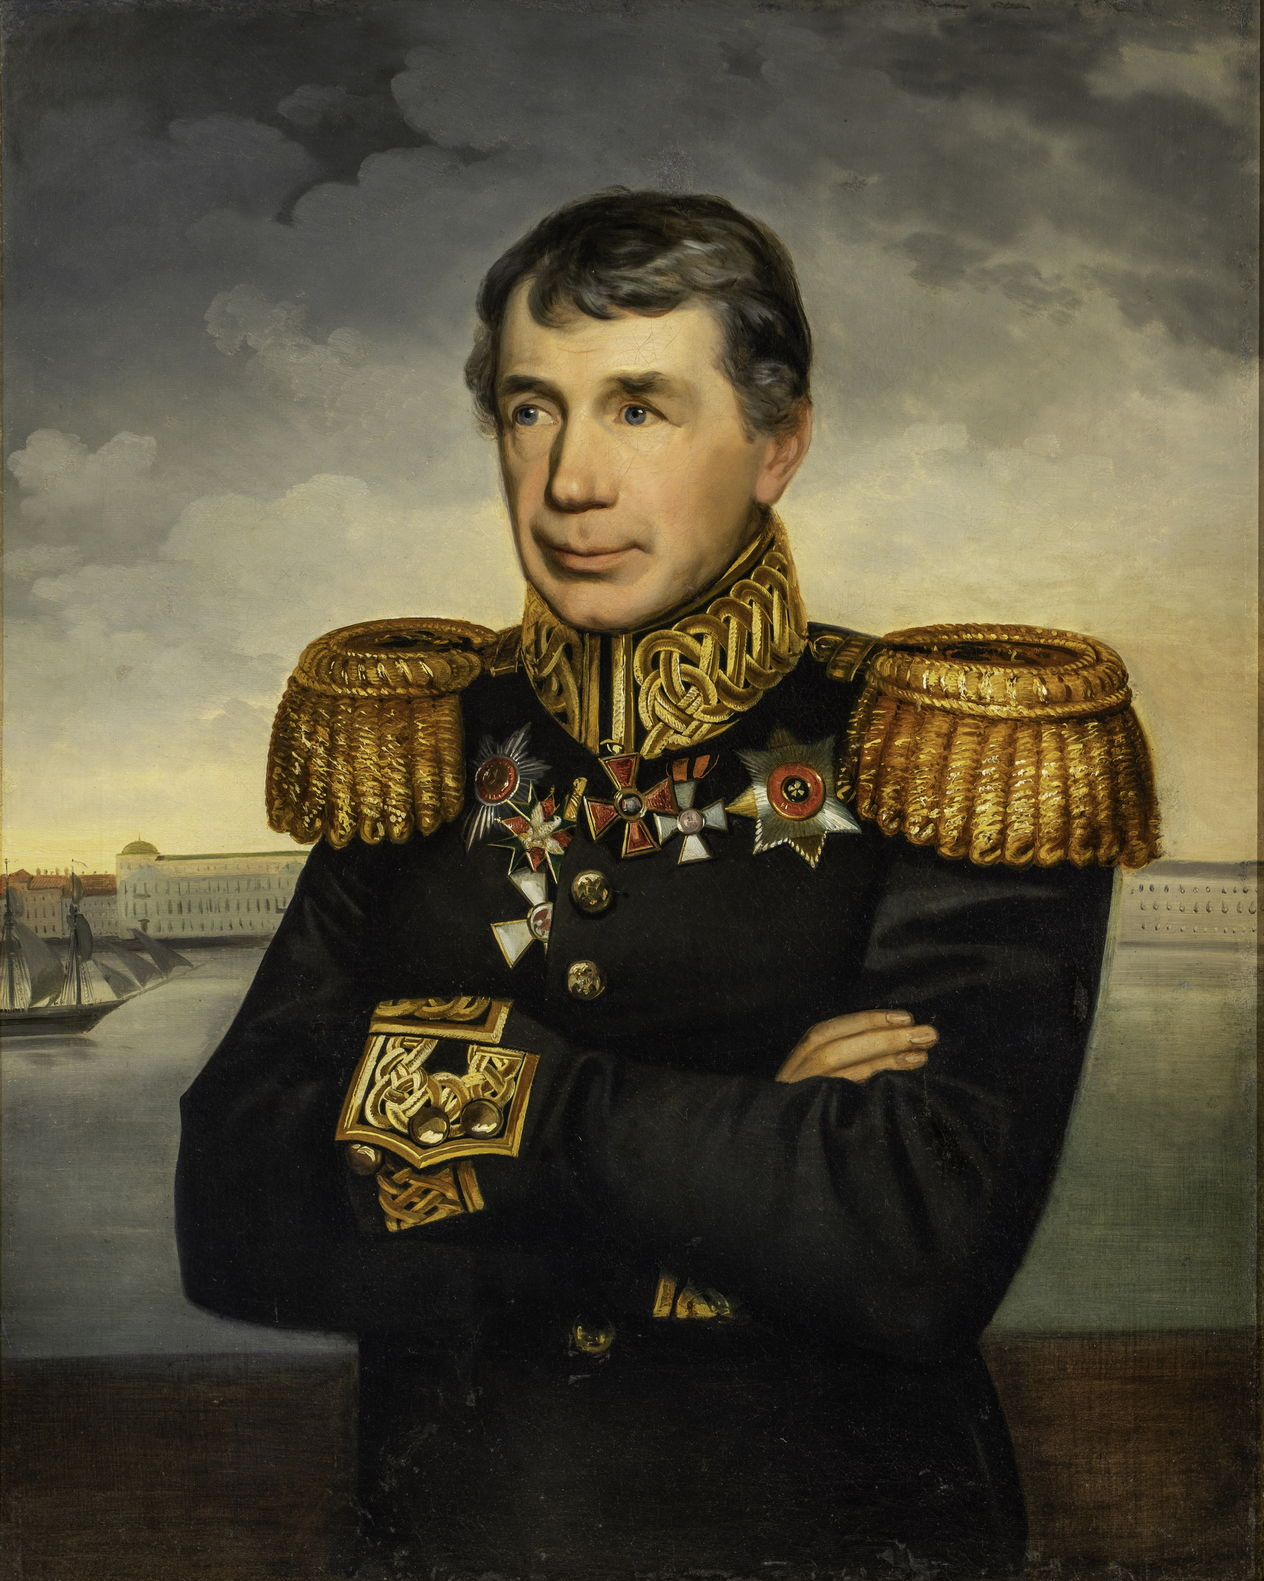 Неизвестный художник. Портрет Крузенштерна И.Ф. 1830-е гг.